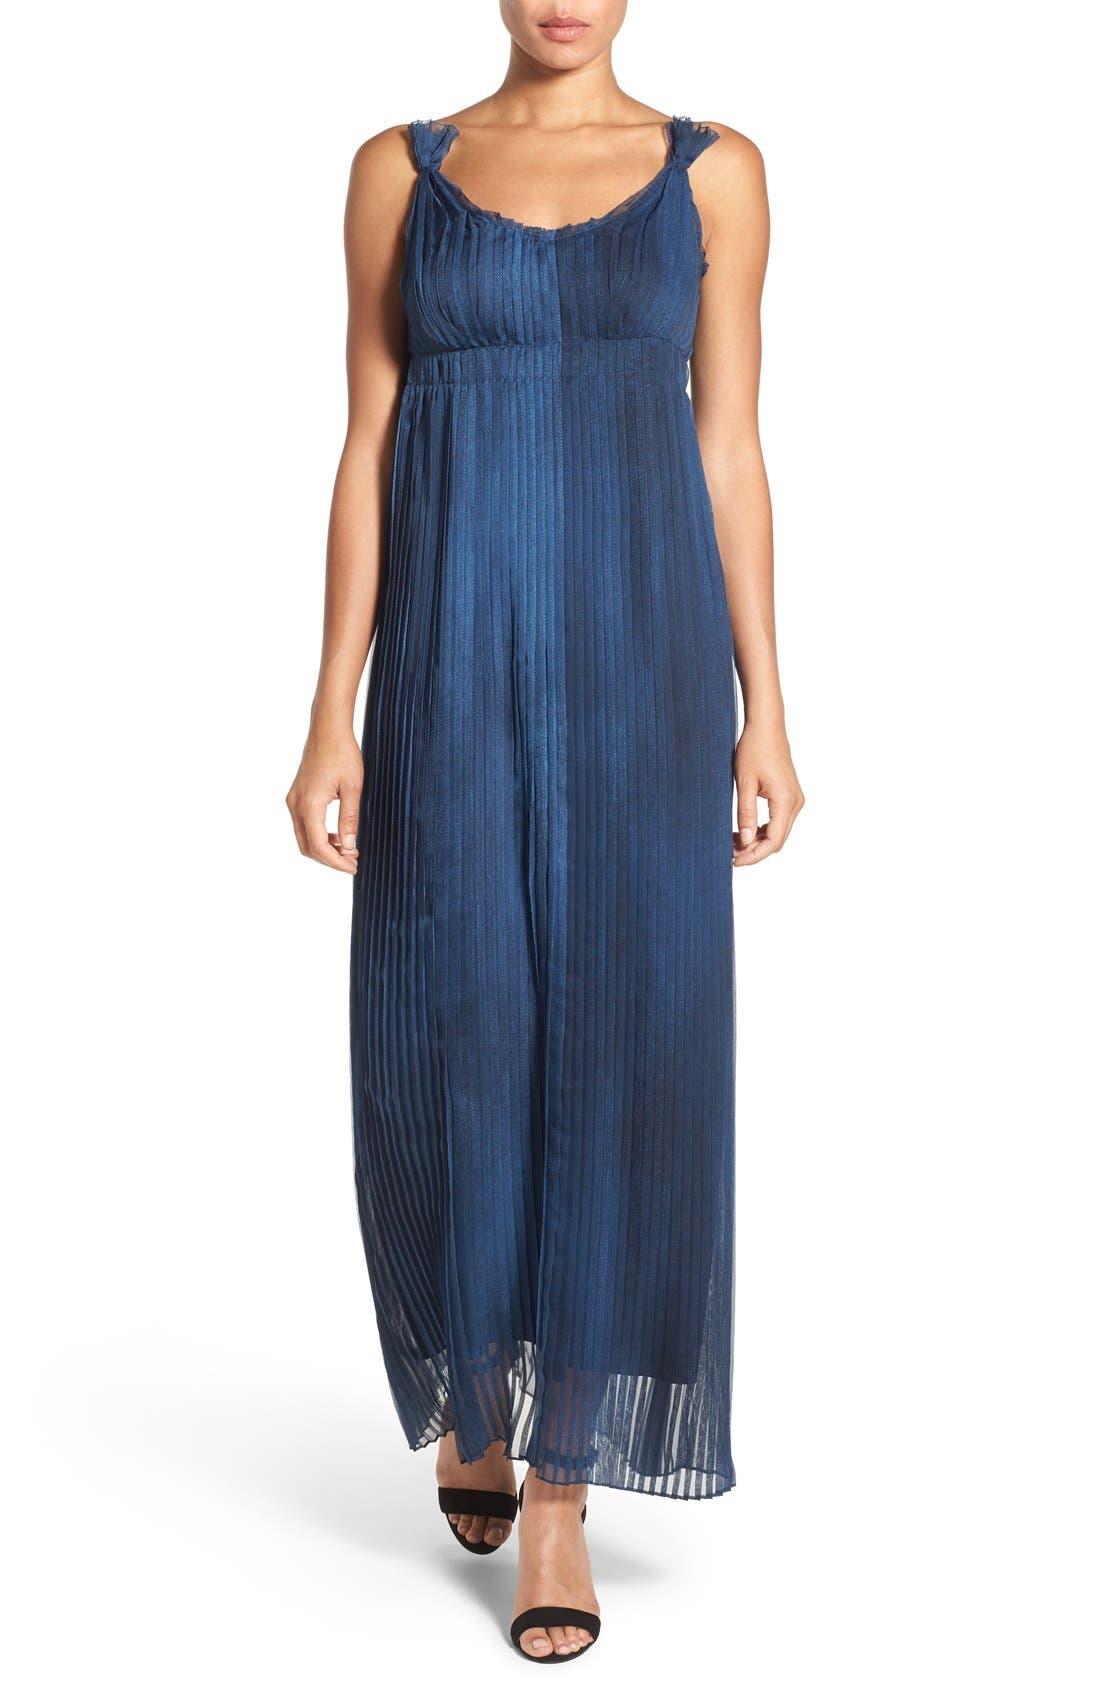 Alternate Image 1 Selected - Elie Tahari 'Opal' Pleated Maxi Dress